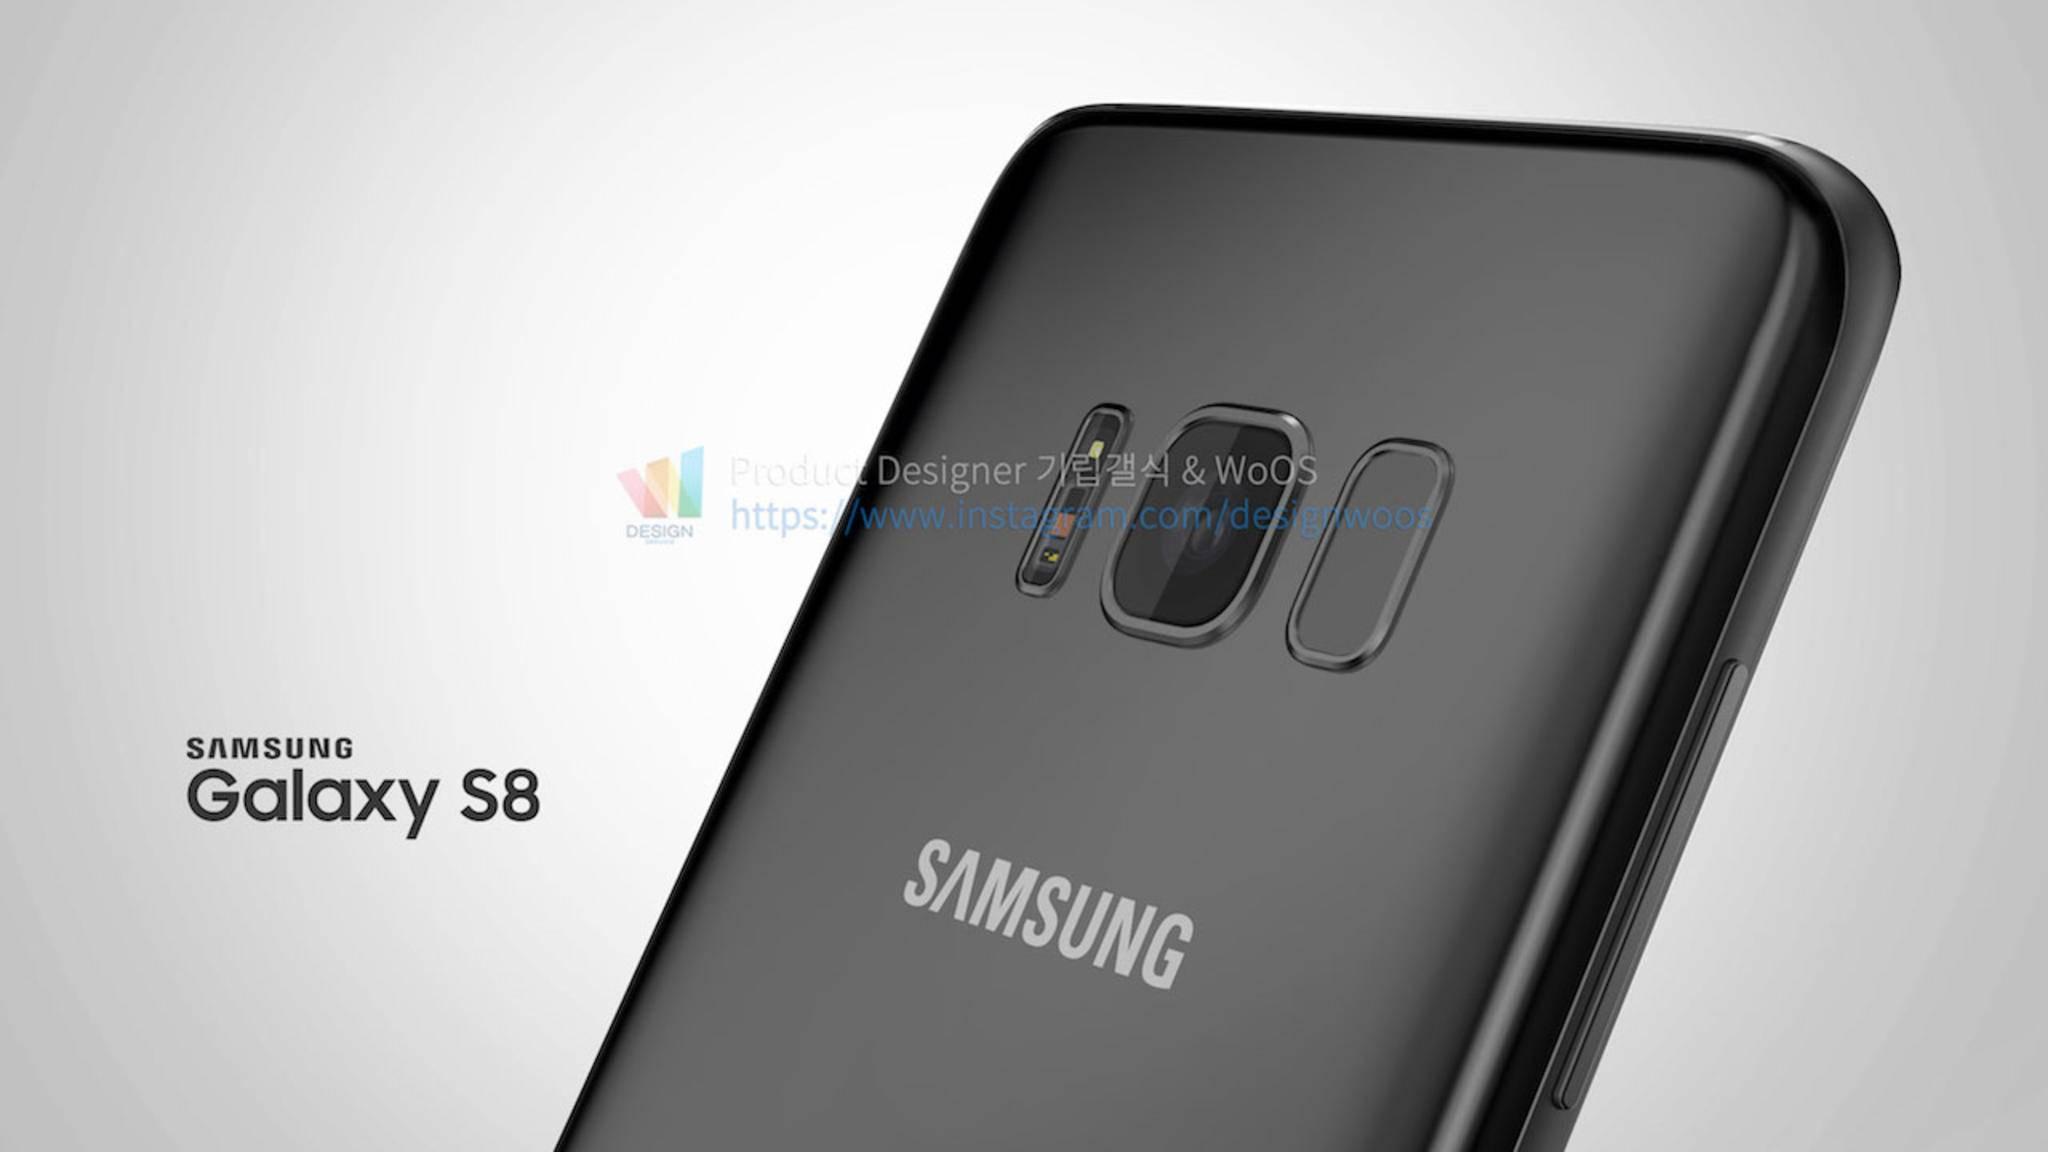 Das Samsung Galaxy S8 soll möglicherweise eine High-Speed-Cam bekommen.